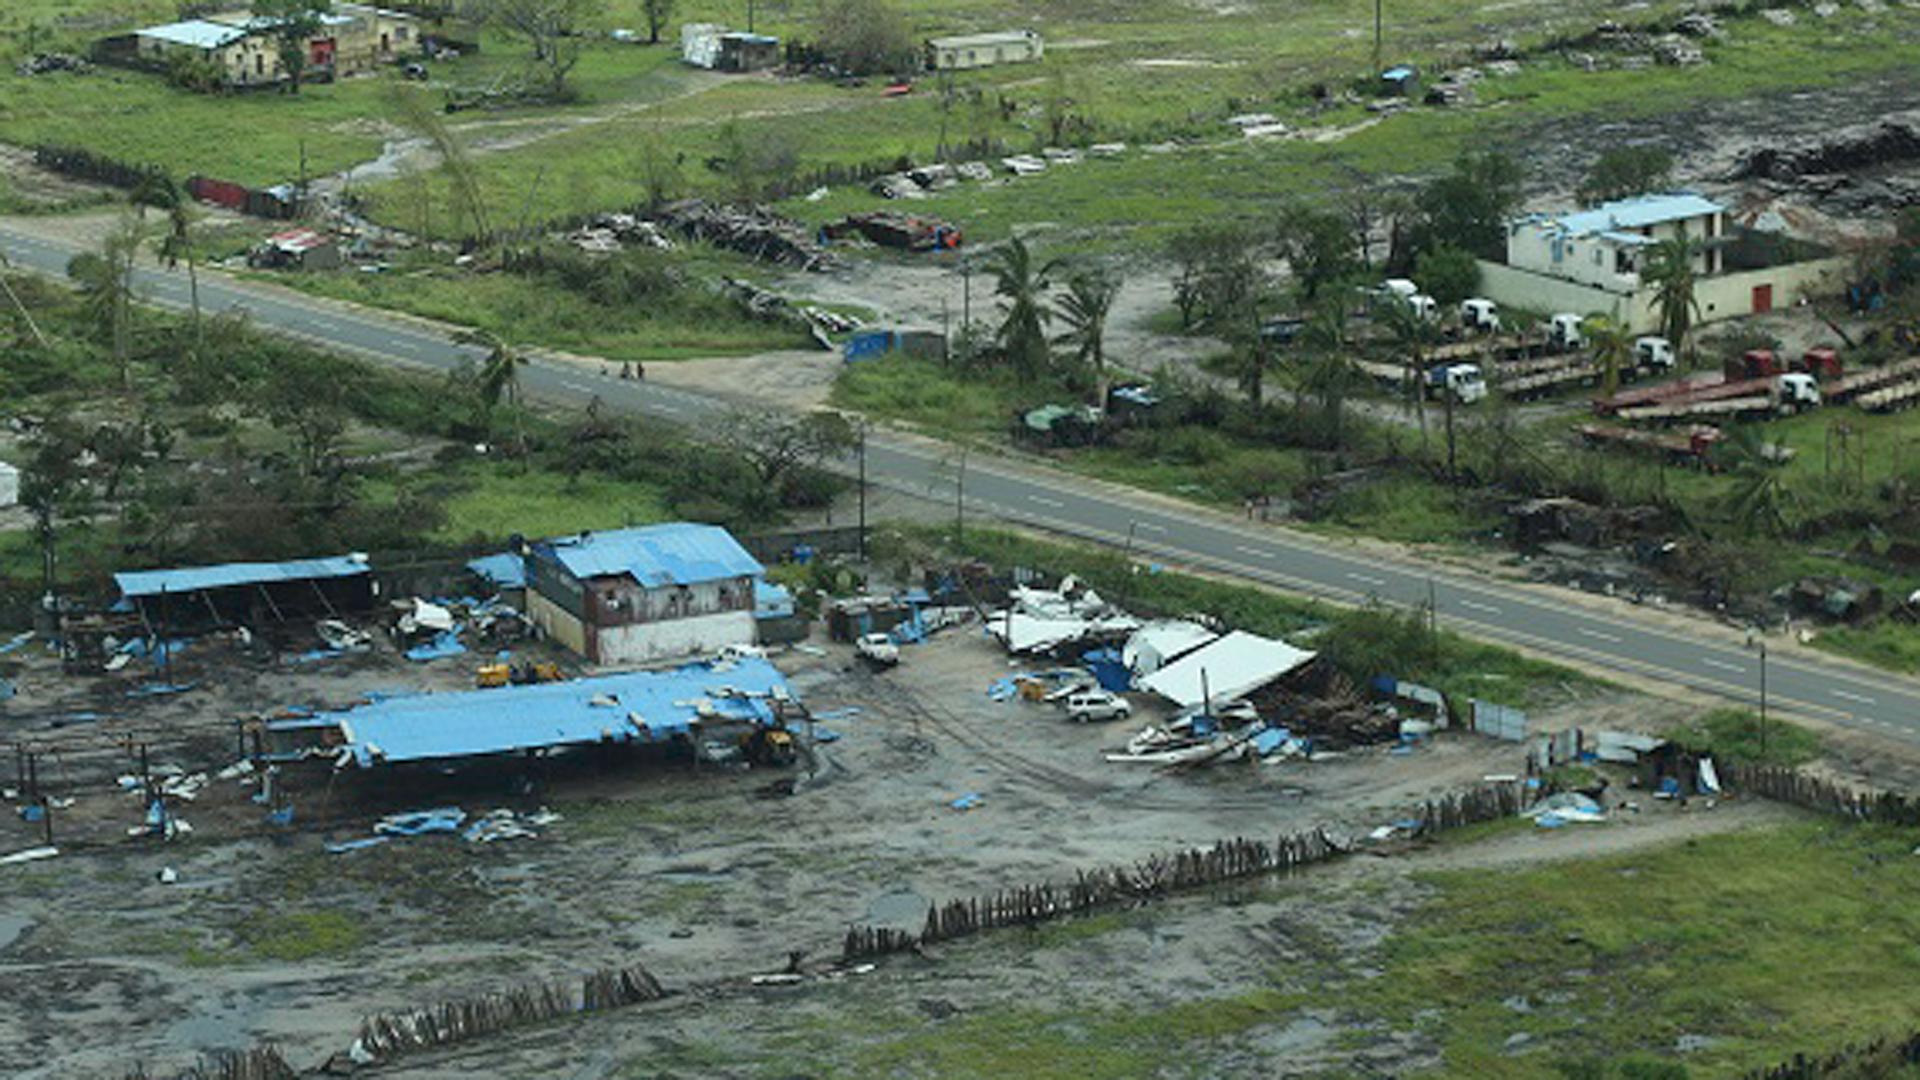 Ein tropischer Wirbelsturm (Zyklon) hat an der Küste Ostafrikas eine Schneise der Verwüstung hinterlassen. Hundertausende Menschen haben alles verloren.